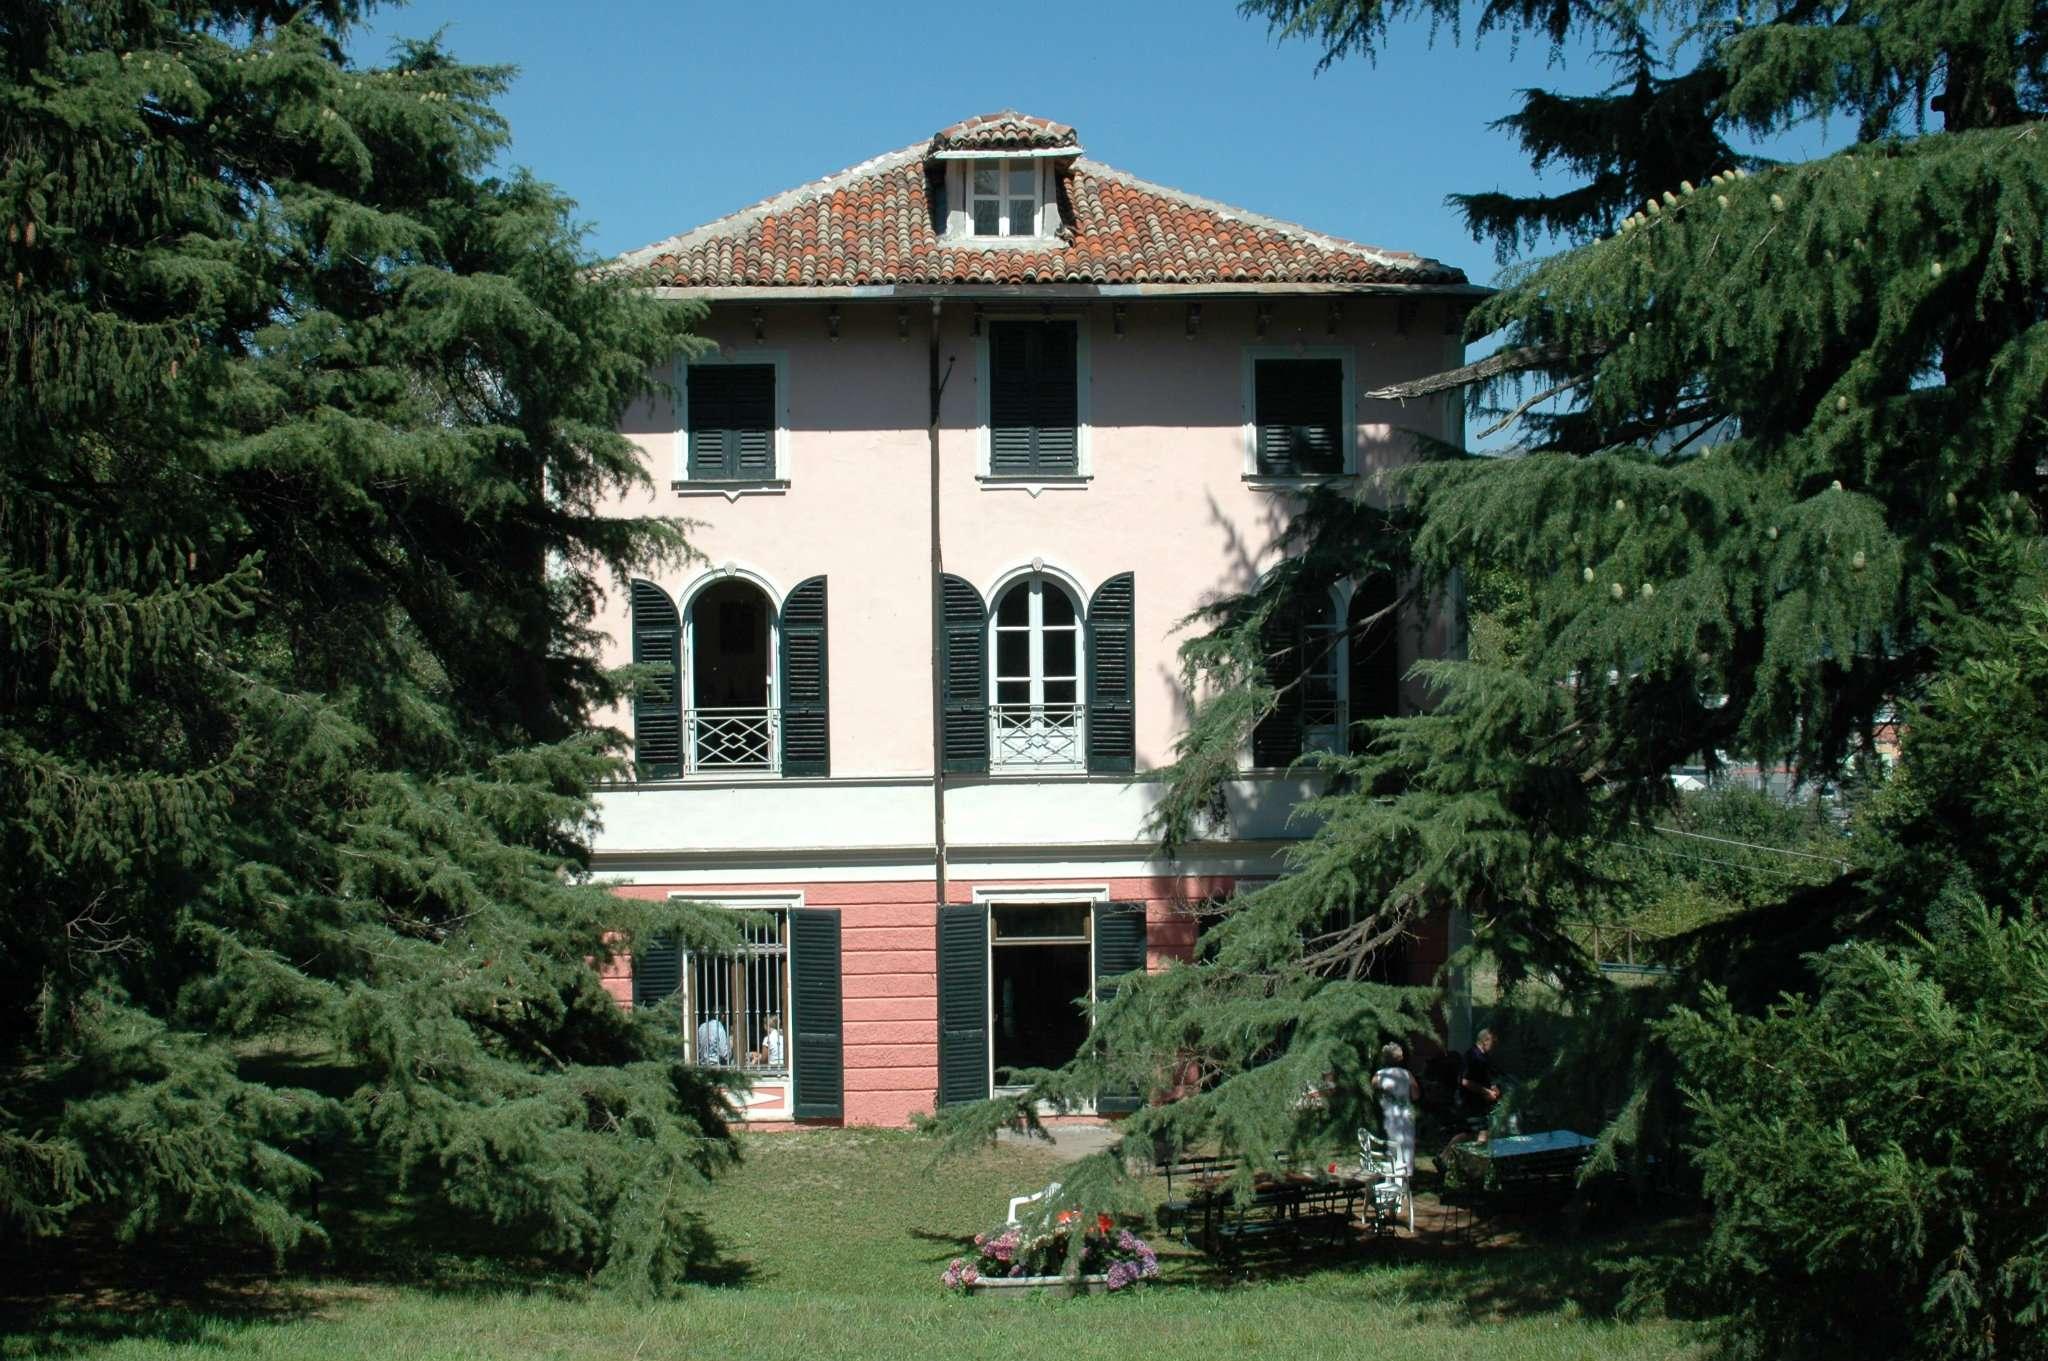 Villa in vendita a Busalla, 16 locali, prezzo € 420.000 | CambioCasa.it